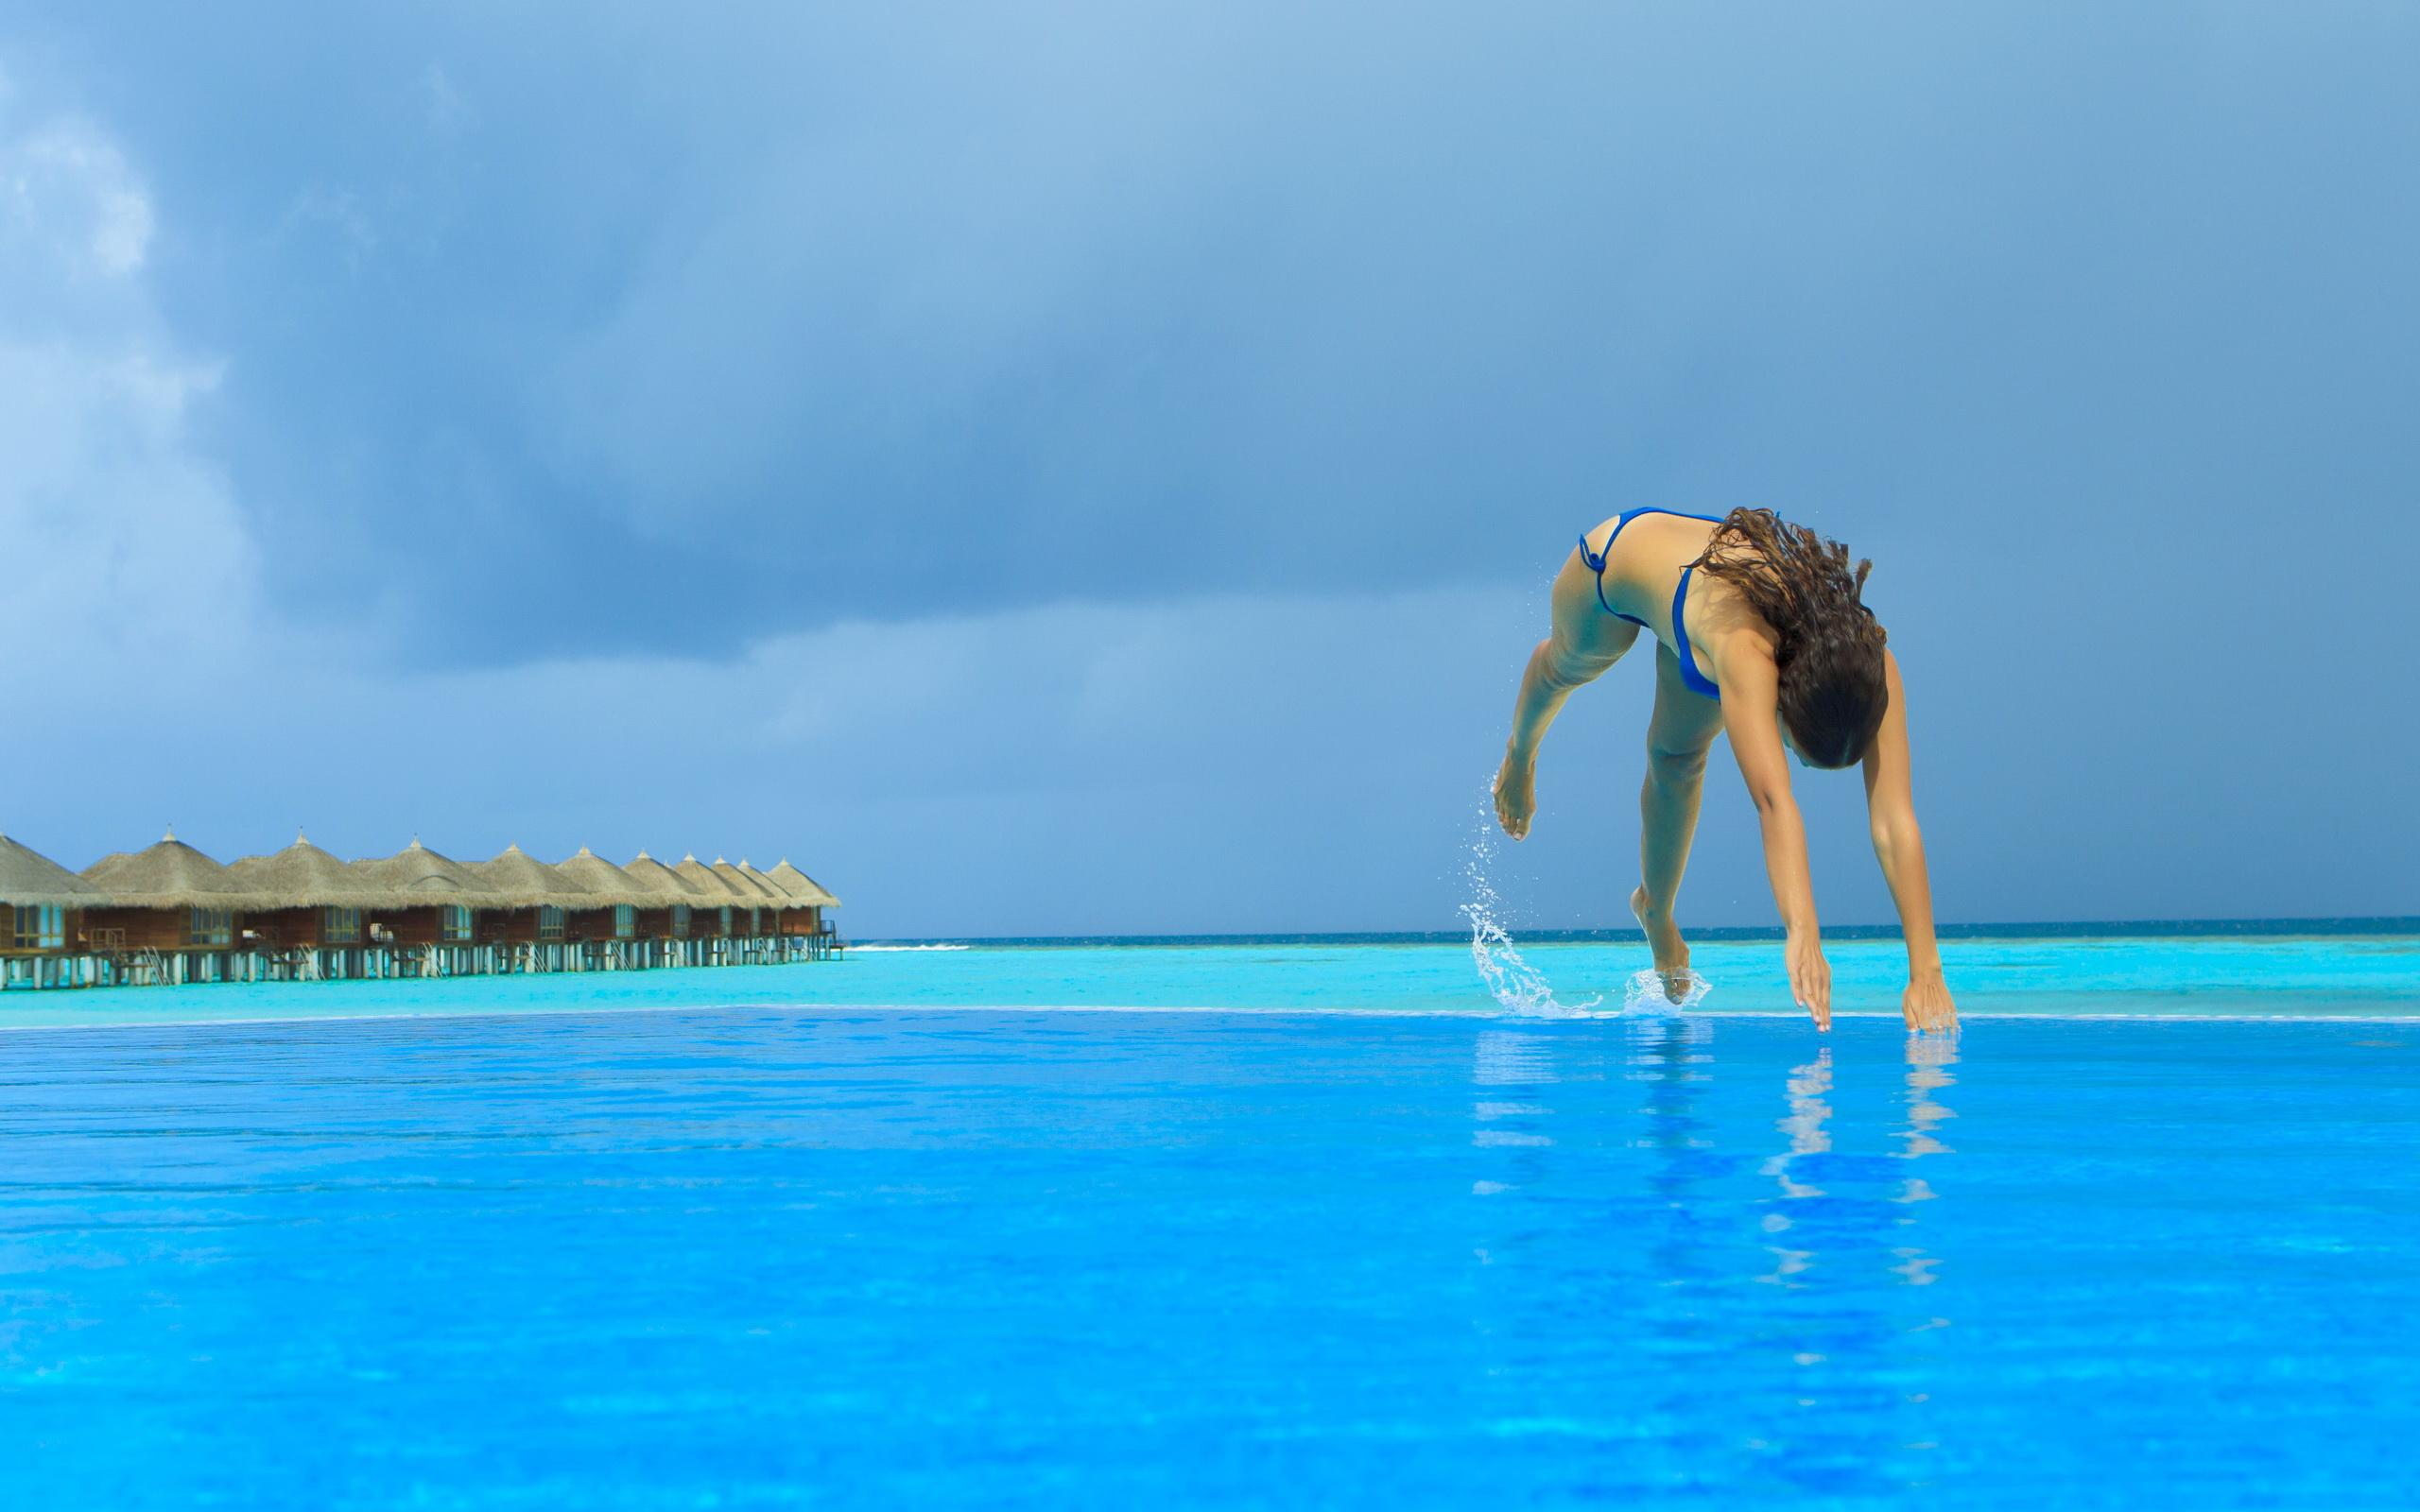 马尔代夫风光壁纸; 海边情侣高清壁纸